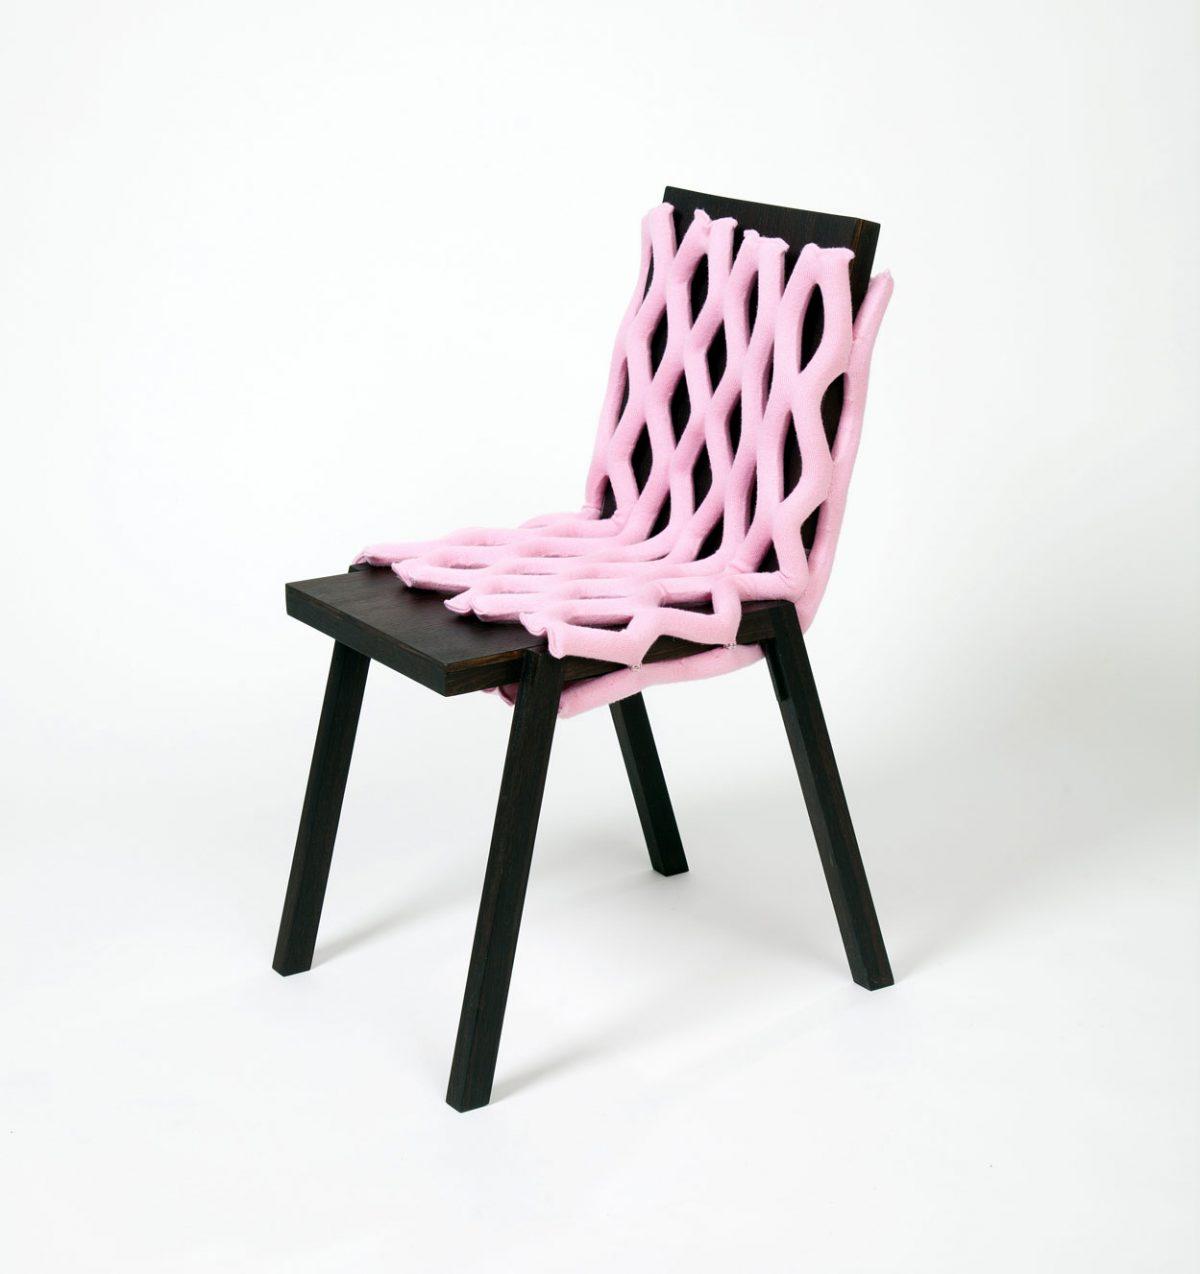 Knit-Net Bernotat&Co